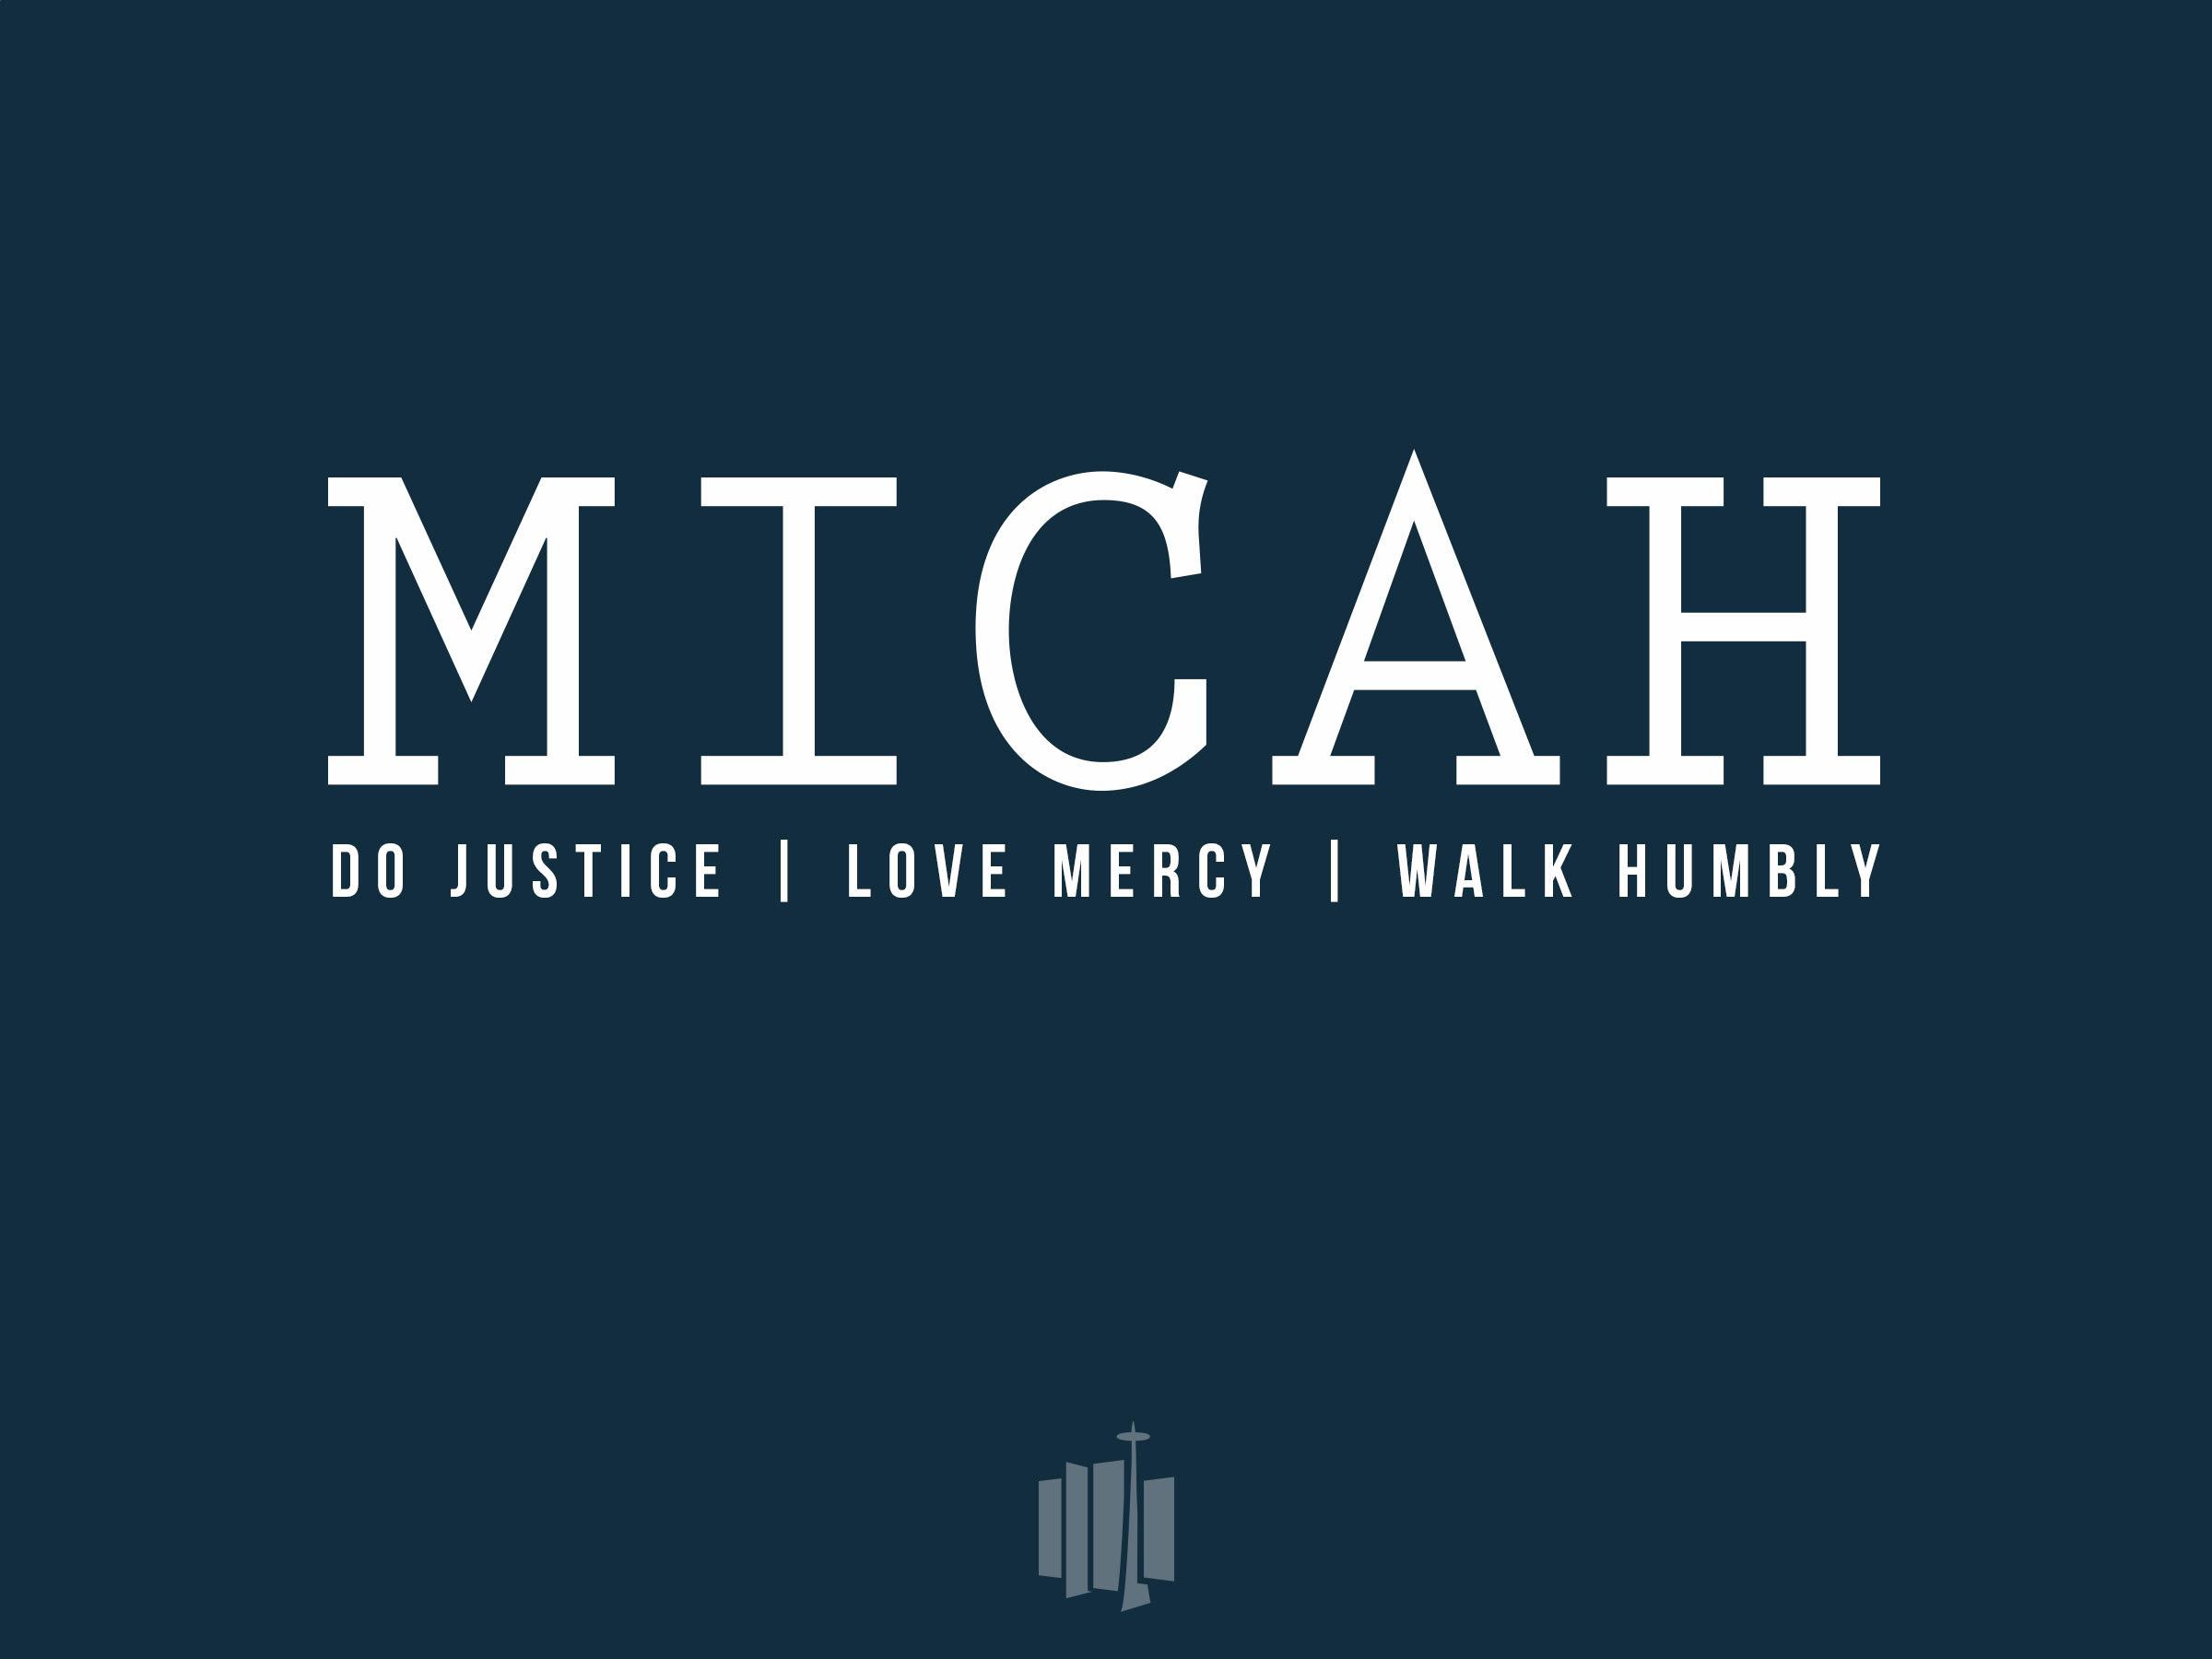 Micah.jpg